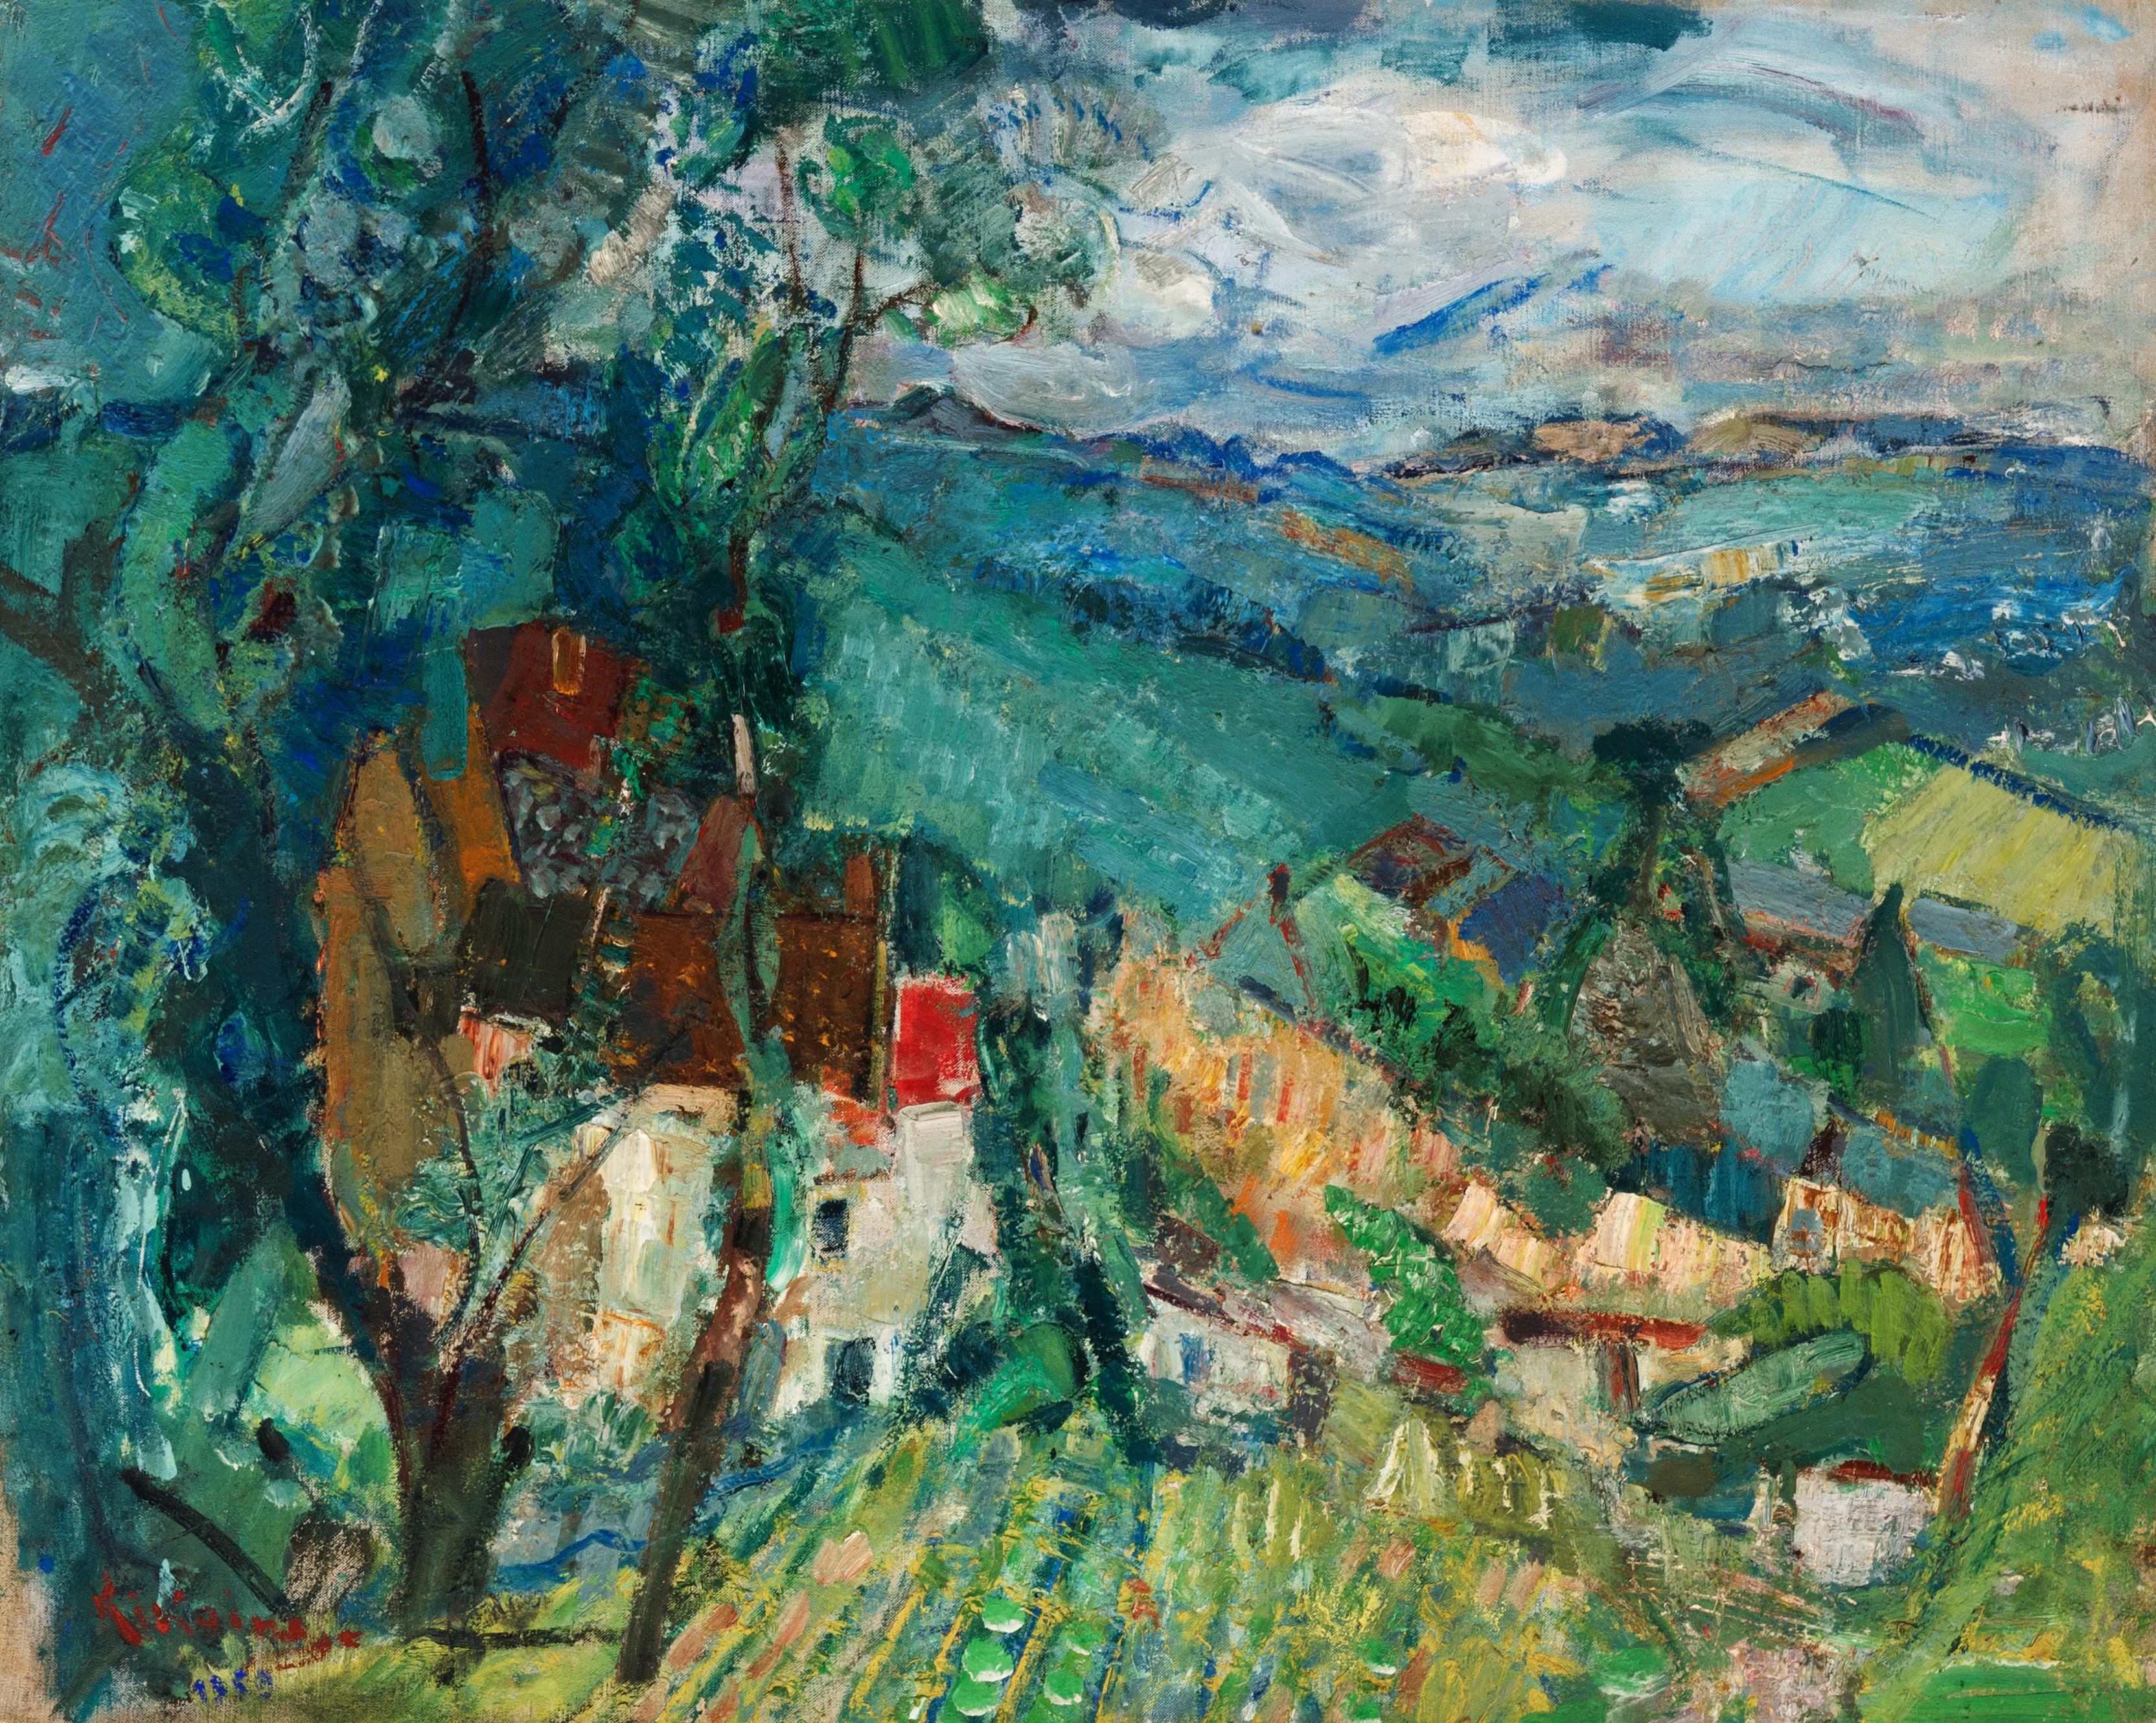 Kikoine1959